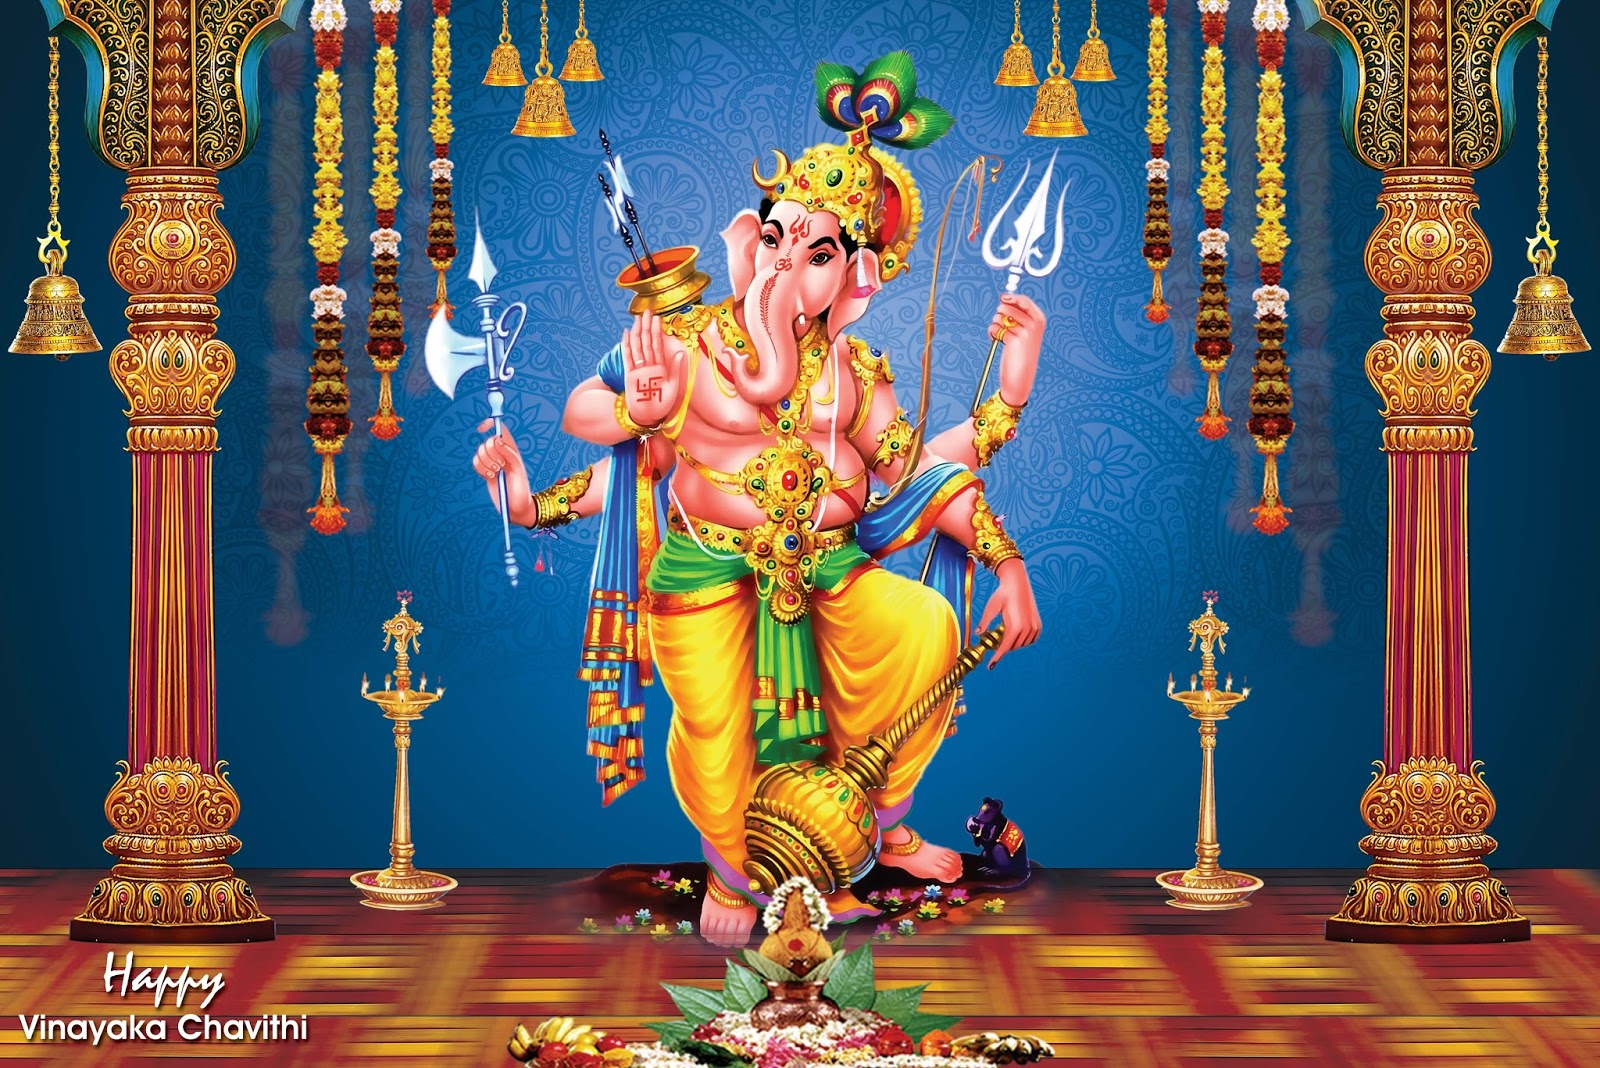 Vinayaka Pics Hd Ganesh Ji Wall Painting Hd Wallpaper On Satin